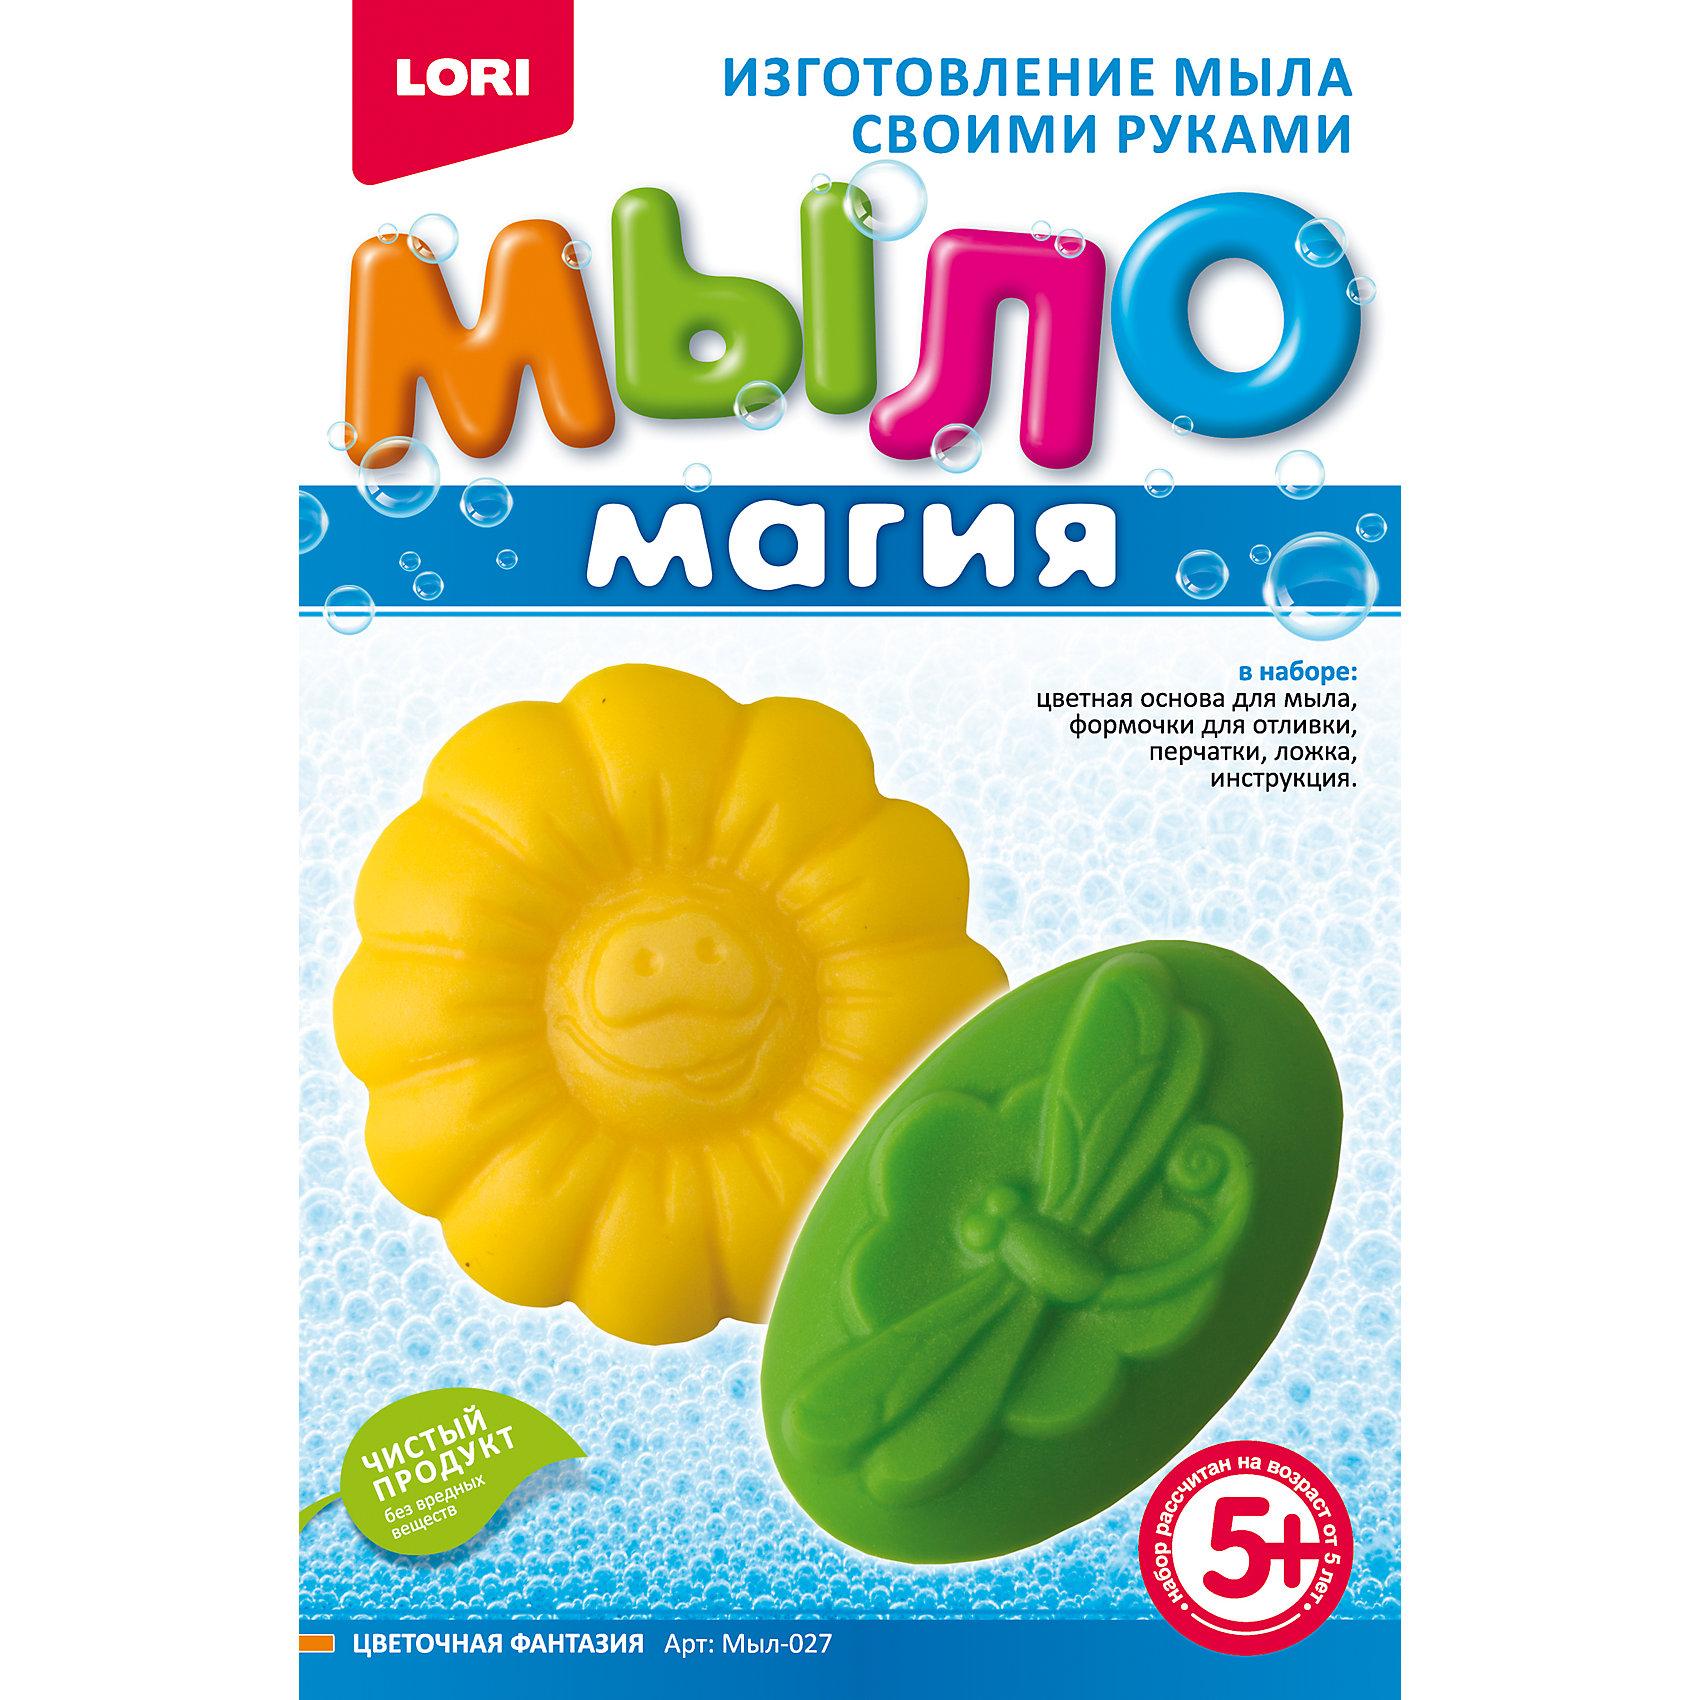 МылоМагия Цветочная фантазияНаборы для создания мыла<br>Характеристики товара:<br><br>• цвет: разноцветный<br>• размер упаковки: 20х14х4 см<br>• вес: 160 г<br>• комплектация: основа для мыла, емкость для растапливания, 2 формы для заливки мыльного раствора, пищевой краситель, пипетка, перчатки, ложка инструкция<br>• возраст: от пяти лет<br>• страна бренда: РФ<br>• страна изготовитель: РФ<br><br>Этот набор для творчества станет отличным подарком ребенку - ведь с помощью него можно получить красивое мыло! В набор входит основа для мыла, емкость для растапливания, 2 формы для заливки мыльного раствора, пищевой краситель, пипетка, перчатки, ложка инструкция. Чтобы получить мыло, ребенку нужно следовать указаниям инструкции. В итоге получается полезная вещь или подарок родным.<br>Детям очень нравится что-то делать своими руками! Кроме того, творчество помогает детям развивать важные навыки и способности, оно активизирует мышление, формирует усидчивость, творческие способности, мелкую моторику и воображение. Изделие производится из качественных и проверенных материалов, которые безопасны для детей.<br><br>Набор МылоМагия Цветочная фантазия от бренда LORI можно купить в нашем интернет-магазине.<br><br>Ширина мм: 208<br>Глубина мм: 135<br>Высота мм: 40<br>Вес г: 163<br>Возраст от месяцев: 60<br>Возраст до месяцев: 108<br>Пол: Женский<br>Возраст: Детский<br>SKU: 5154890